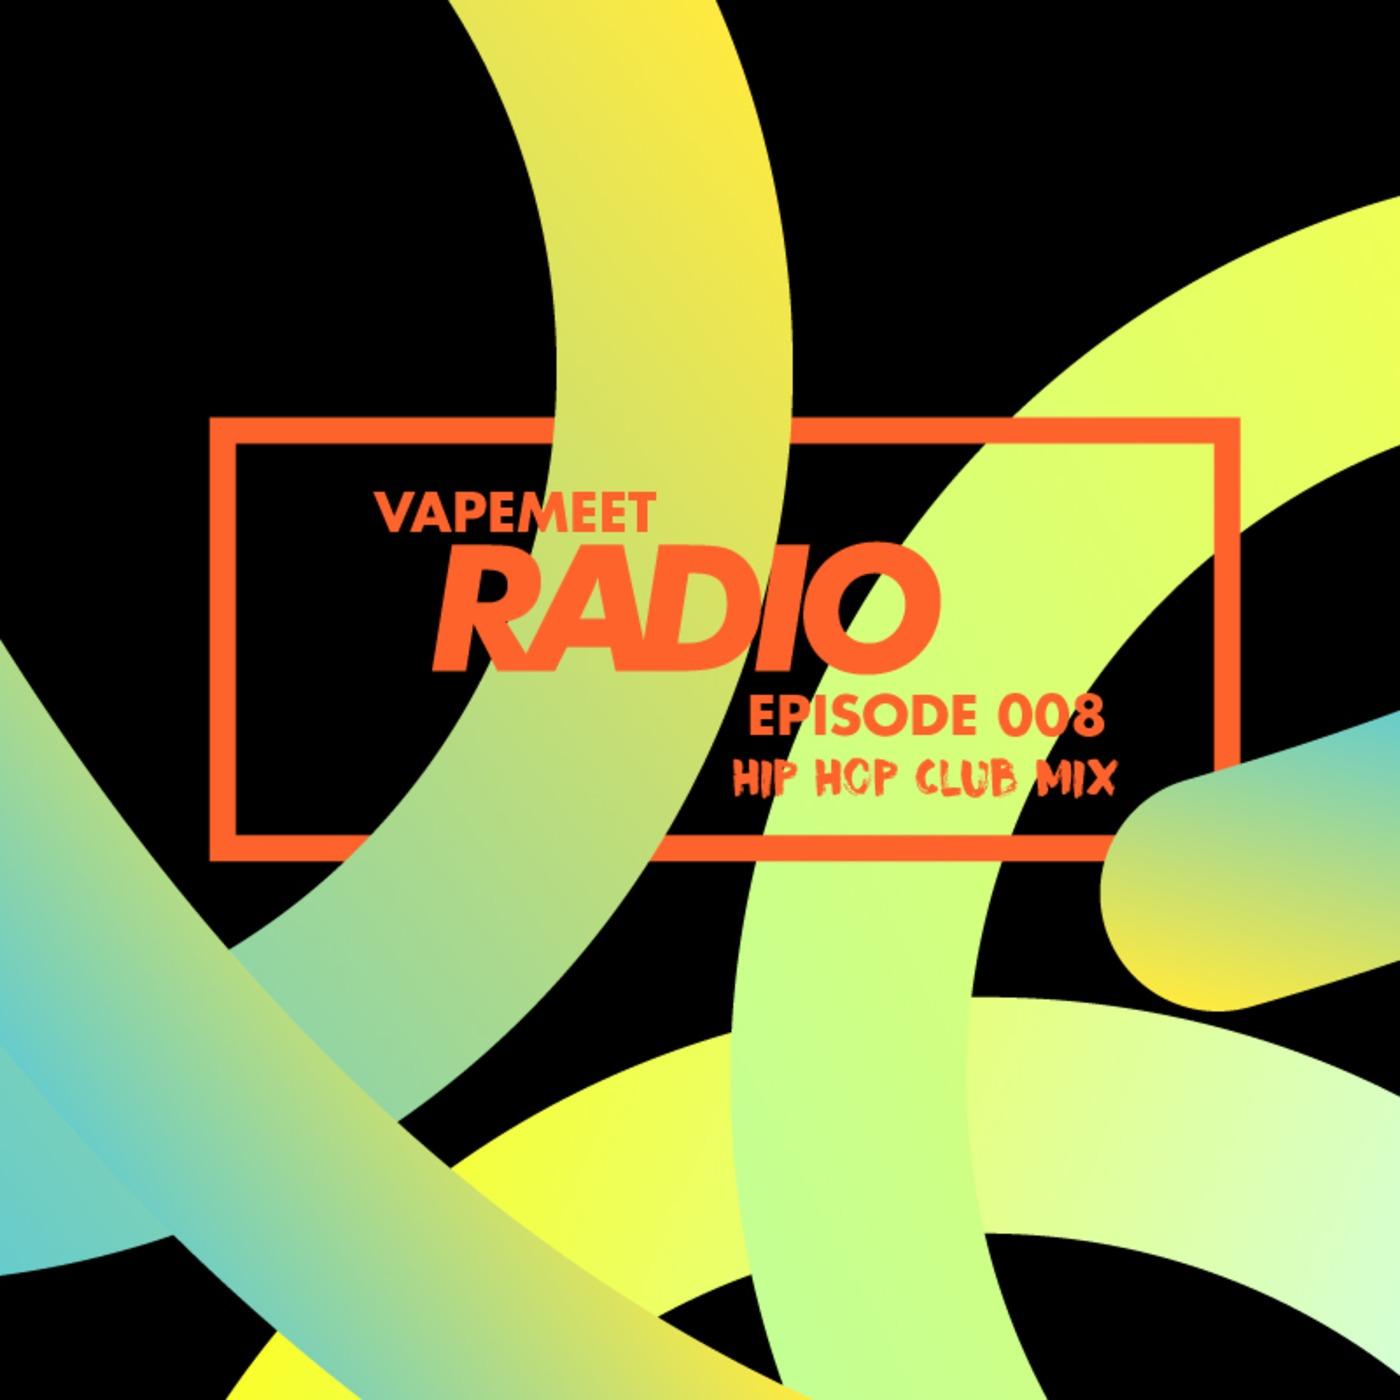 VapeMeet Radio 8 (Hip Hop Club Mix) VapeMeet Radio podcast